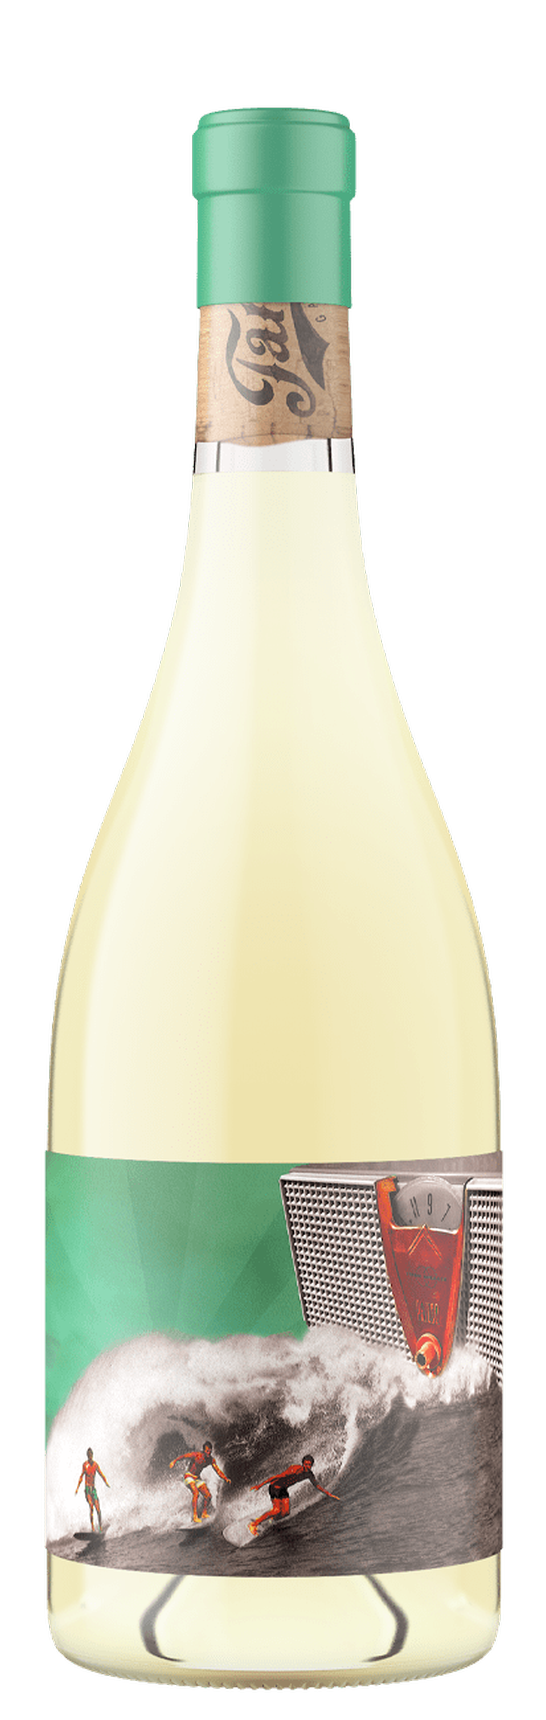 2017 Airwaves, White Wine, California